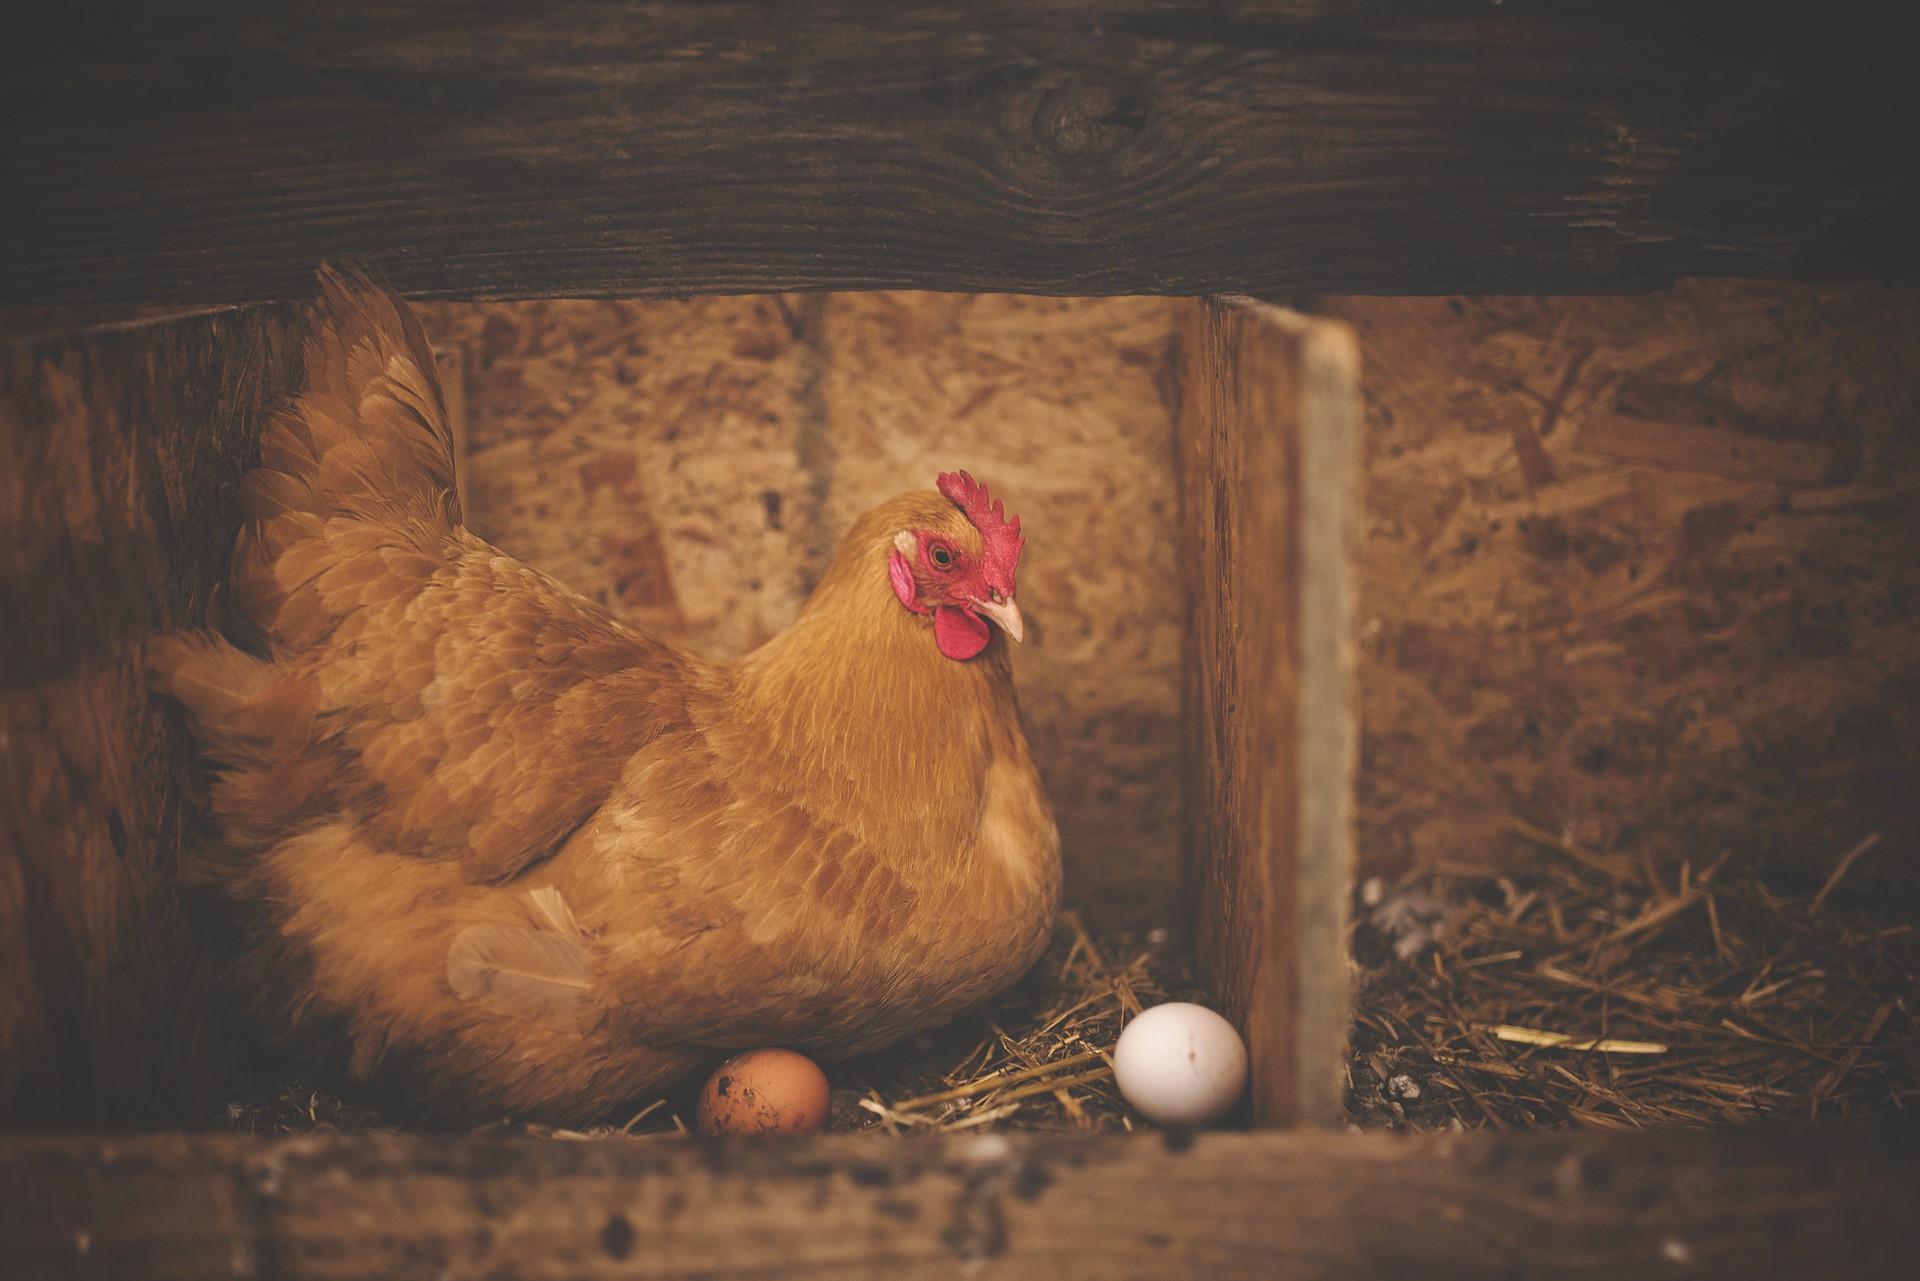 Птичий двор, гомонящий под ногами, тоже предвещает беременность. Важно увидеть в таком сновидении птичьи яйца – если ты их собираешь, значит, смело можешь покупать тест. Разбитое яйцо – п...